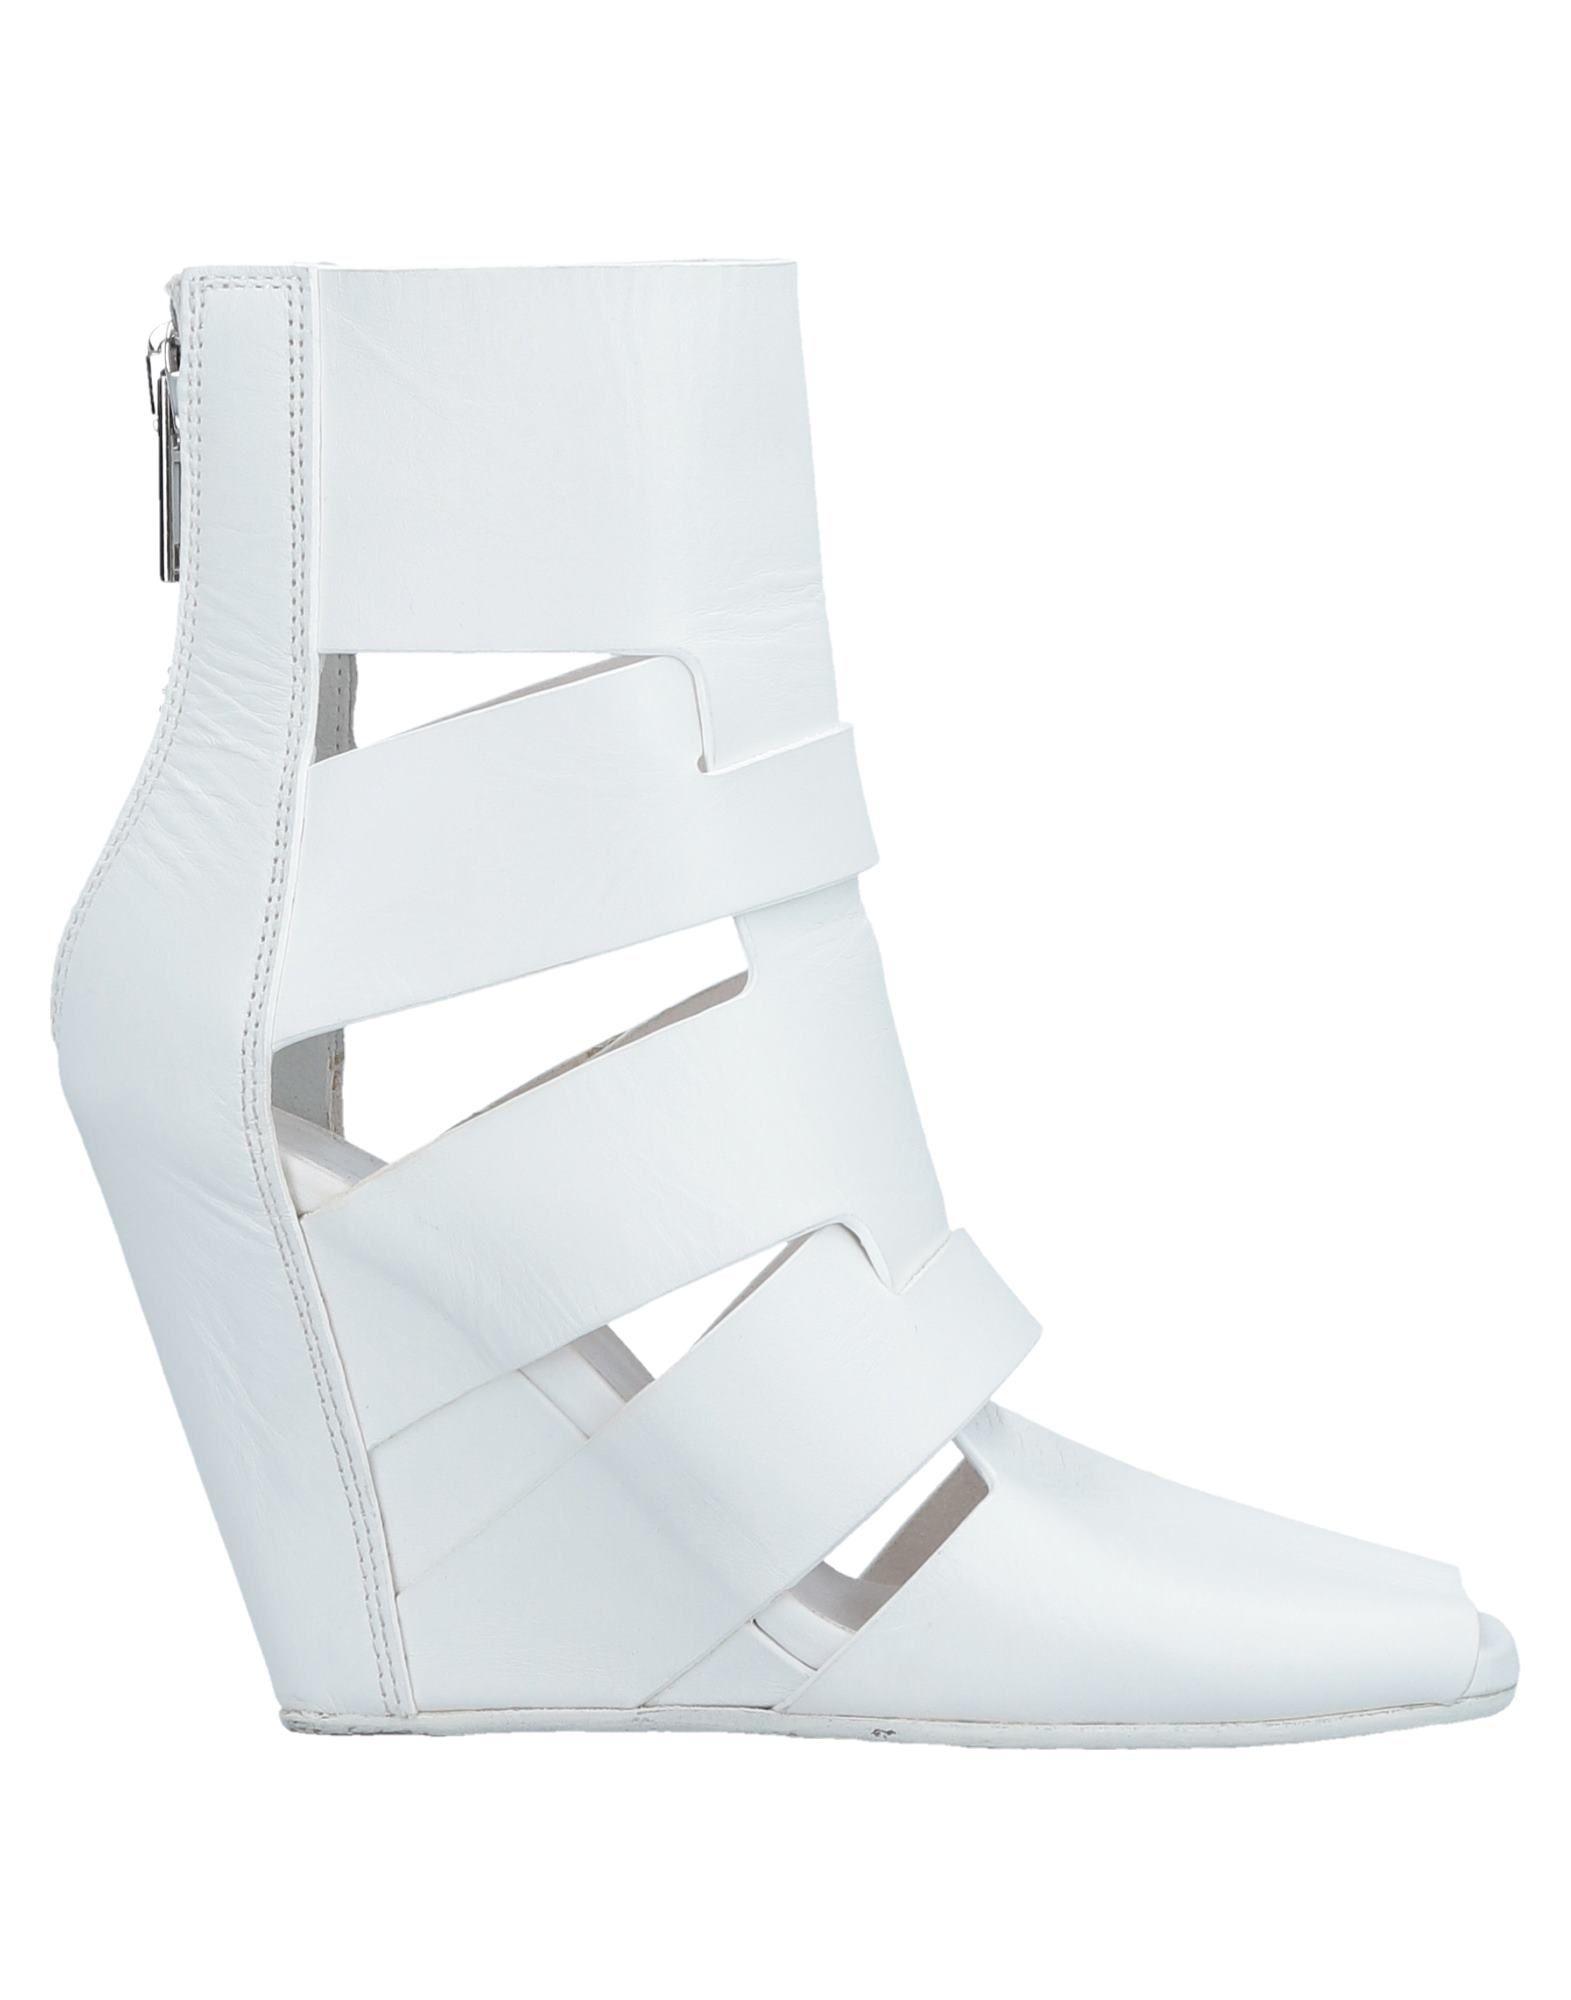 Rick Owens Stiefelette Damen  11515886JIGünstige gut aussehende Schuhe